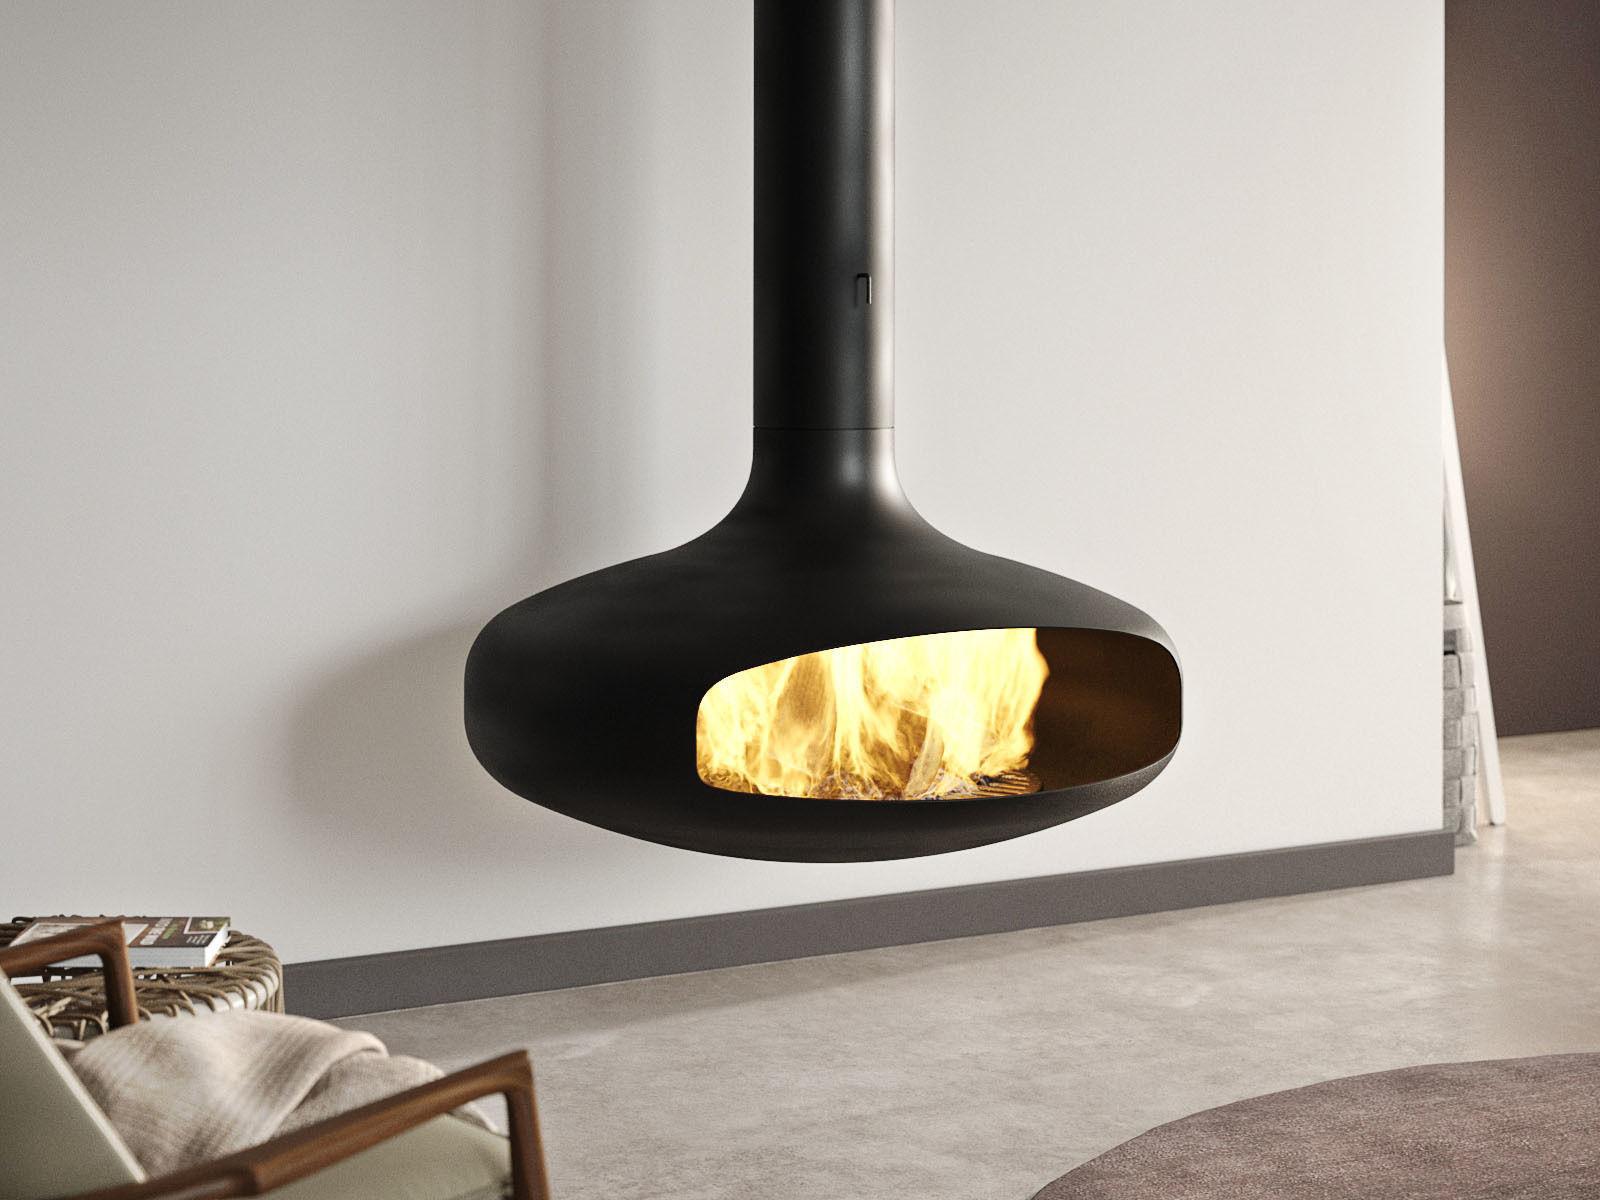 Domofocus Fireplace